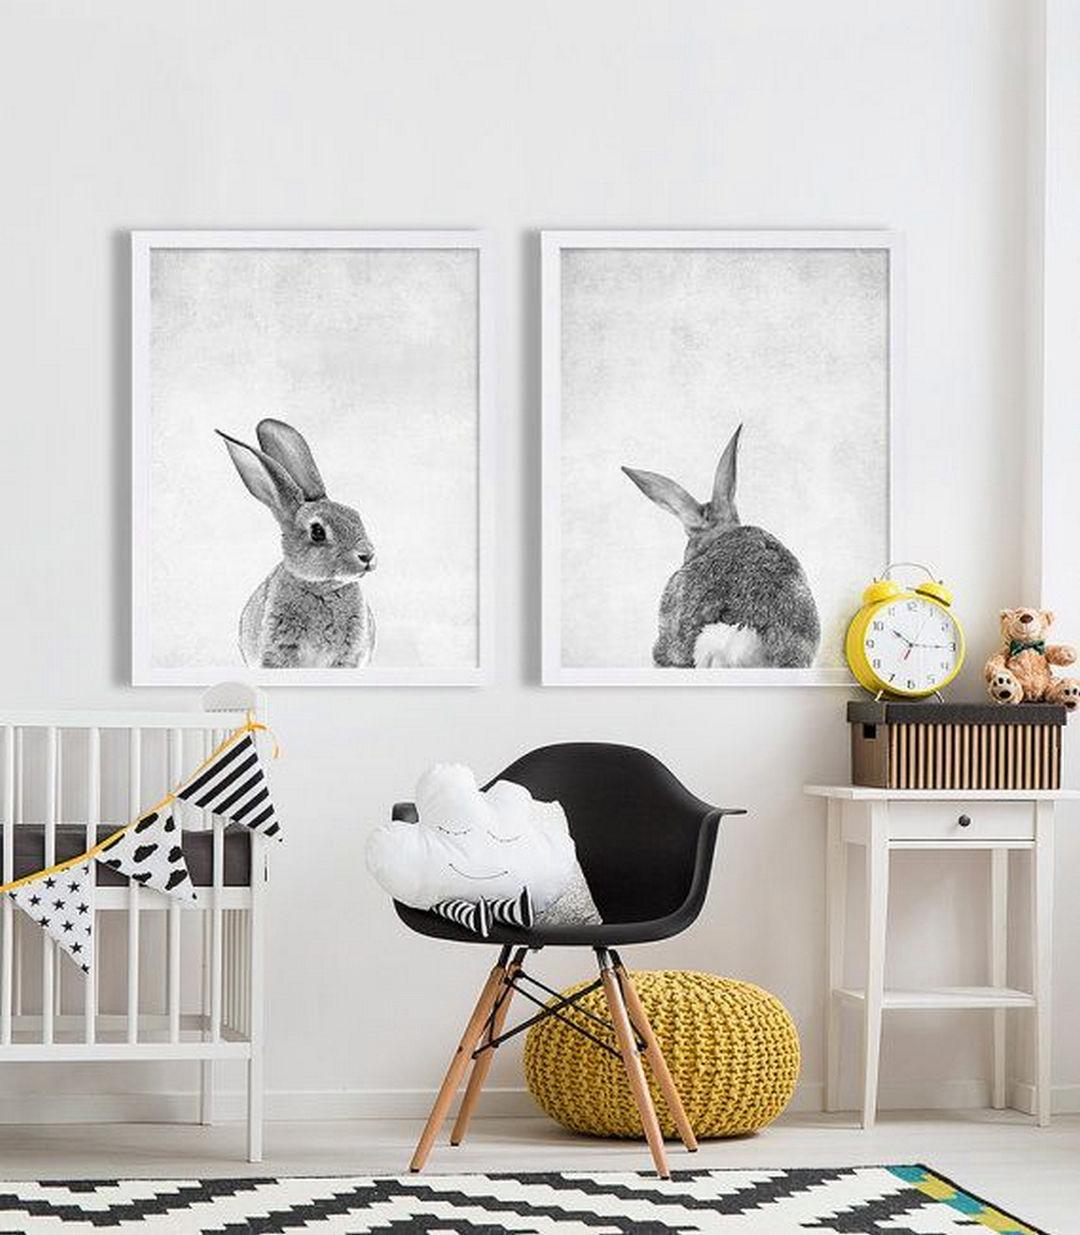 Adorable Gender Neutral Kids Bedroom Interior Idea (18)   Decoracion ...